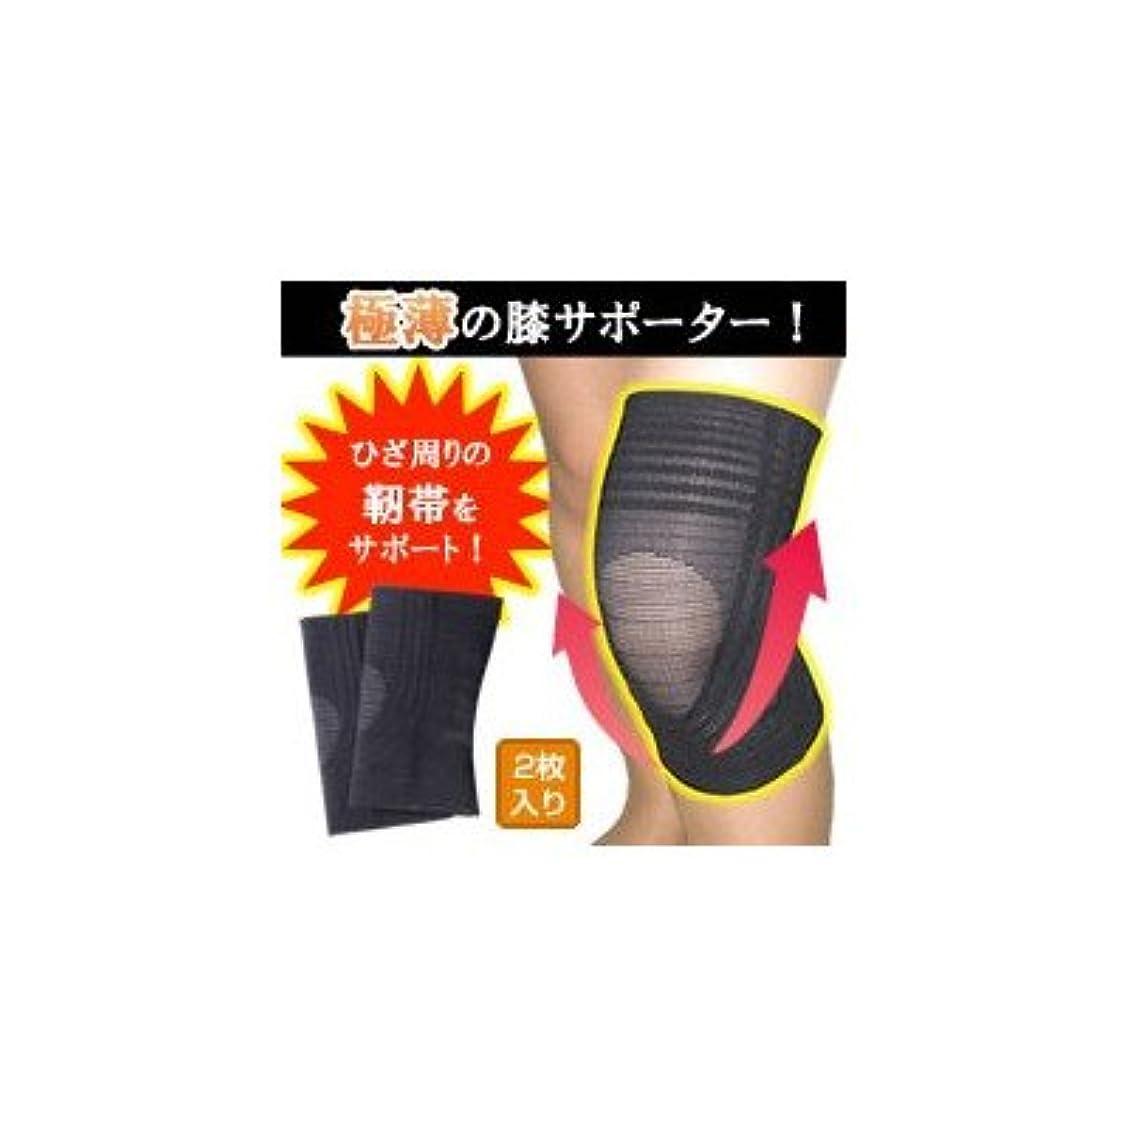 修理可能脅かす大使縁の下の膝靭帯サポーター L( 画像はイメージ画像です お届けの商品はLのみとなります)